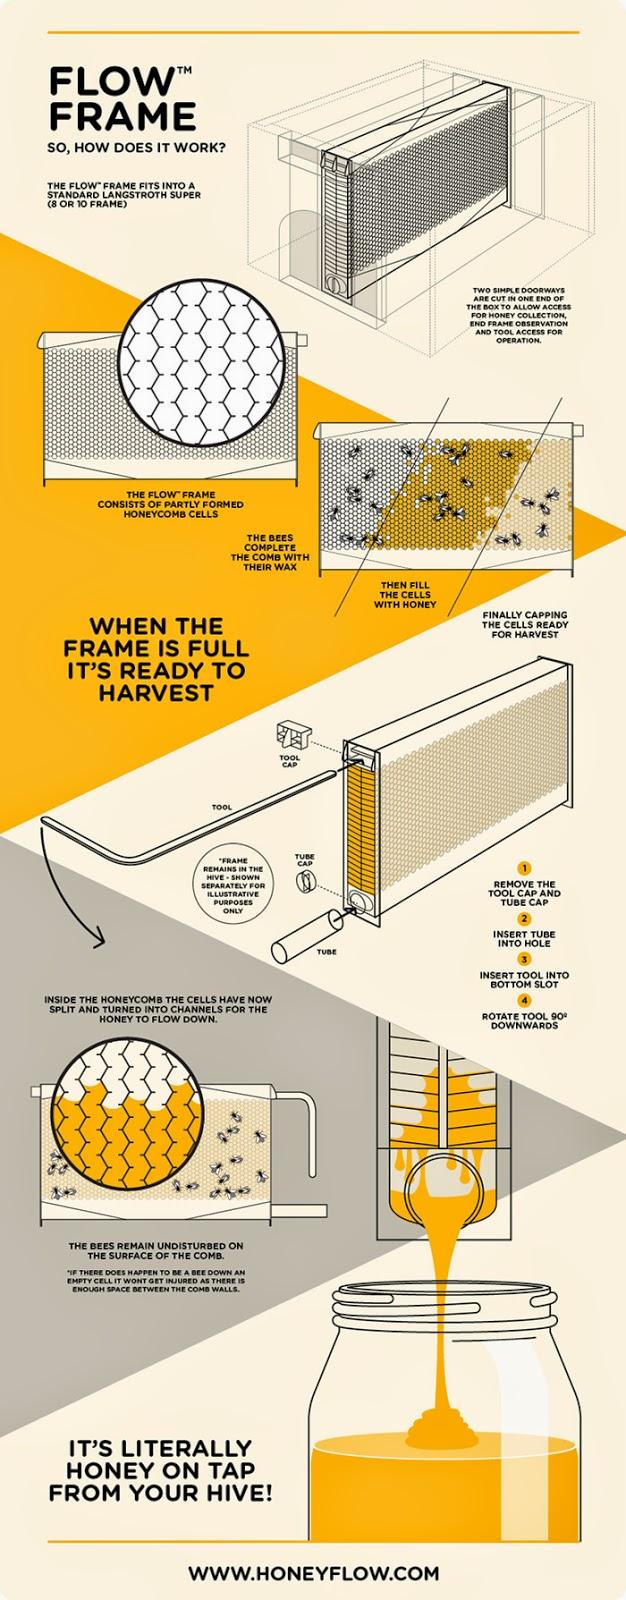 inovasi-baru-proses-ekstrasi-sari-madu-sarang-lebah-desain-ruang dan rumahku-005